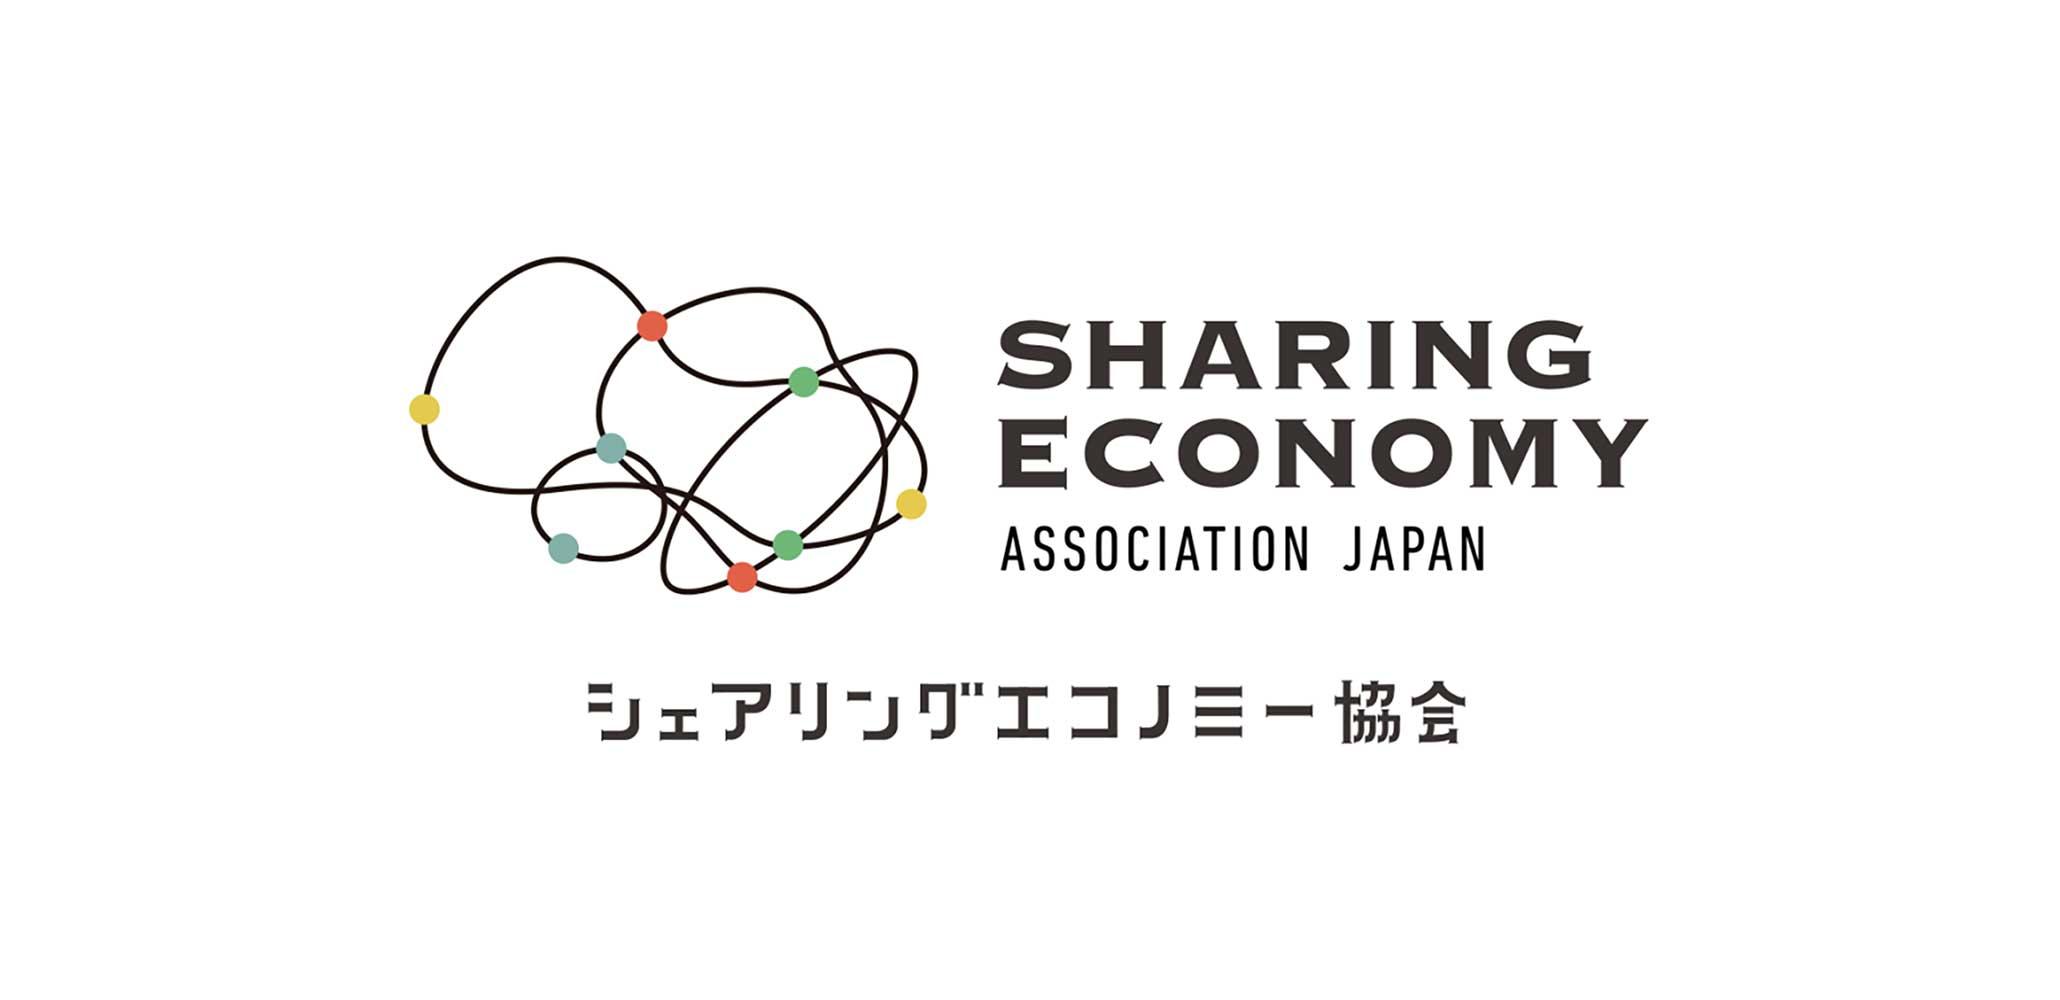 【2019年1月新規会員】福祉Mover・ADDress・三菱UFJ銀行など新規7社が加入